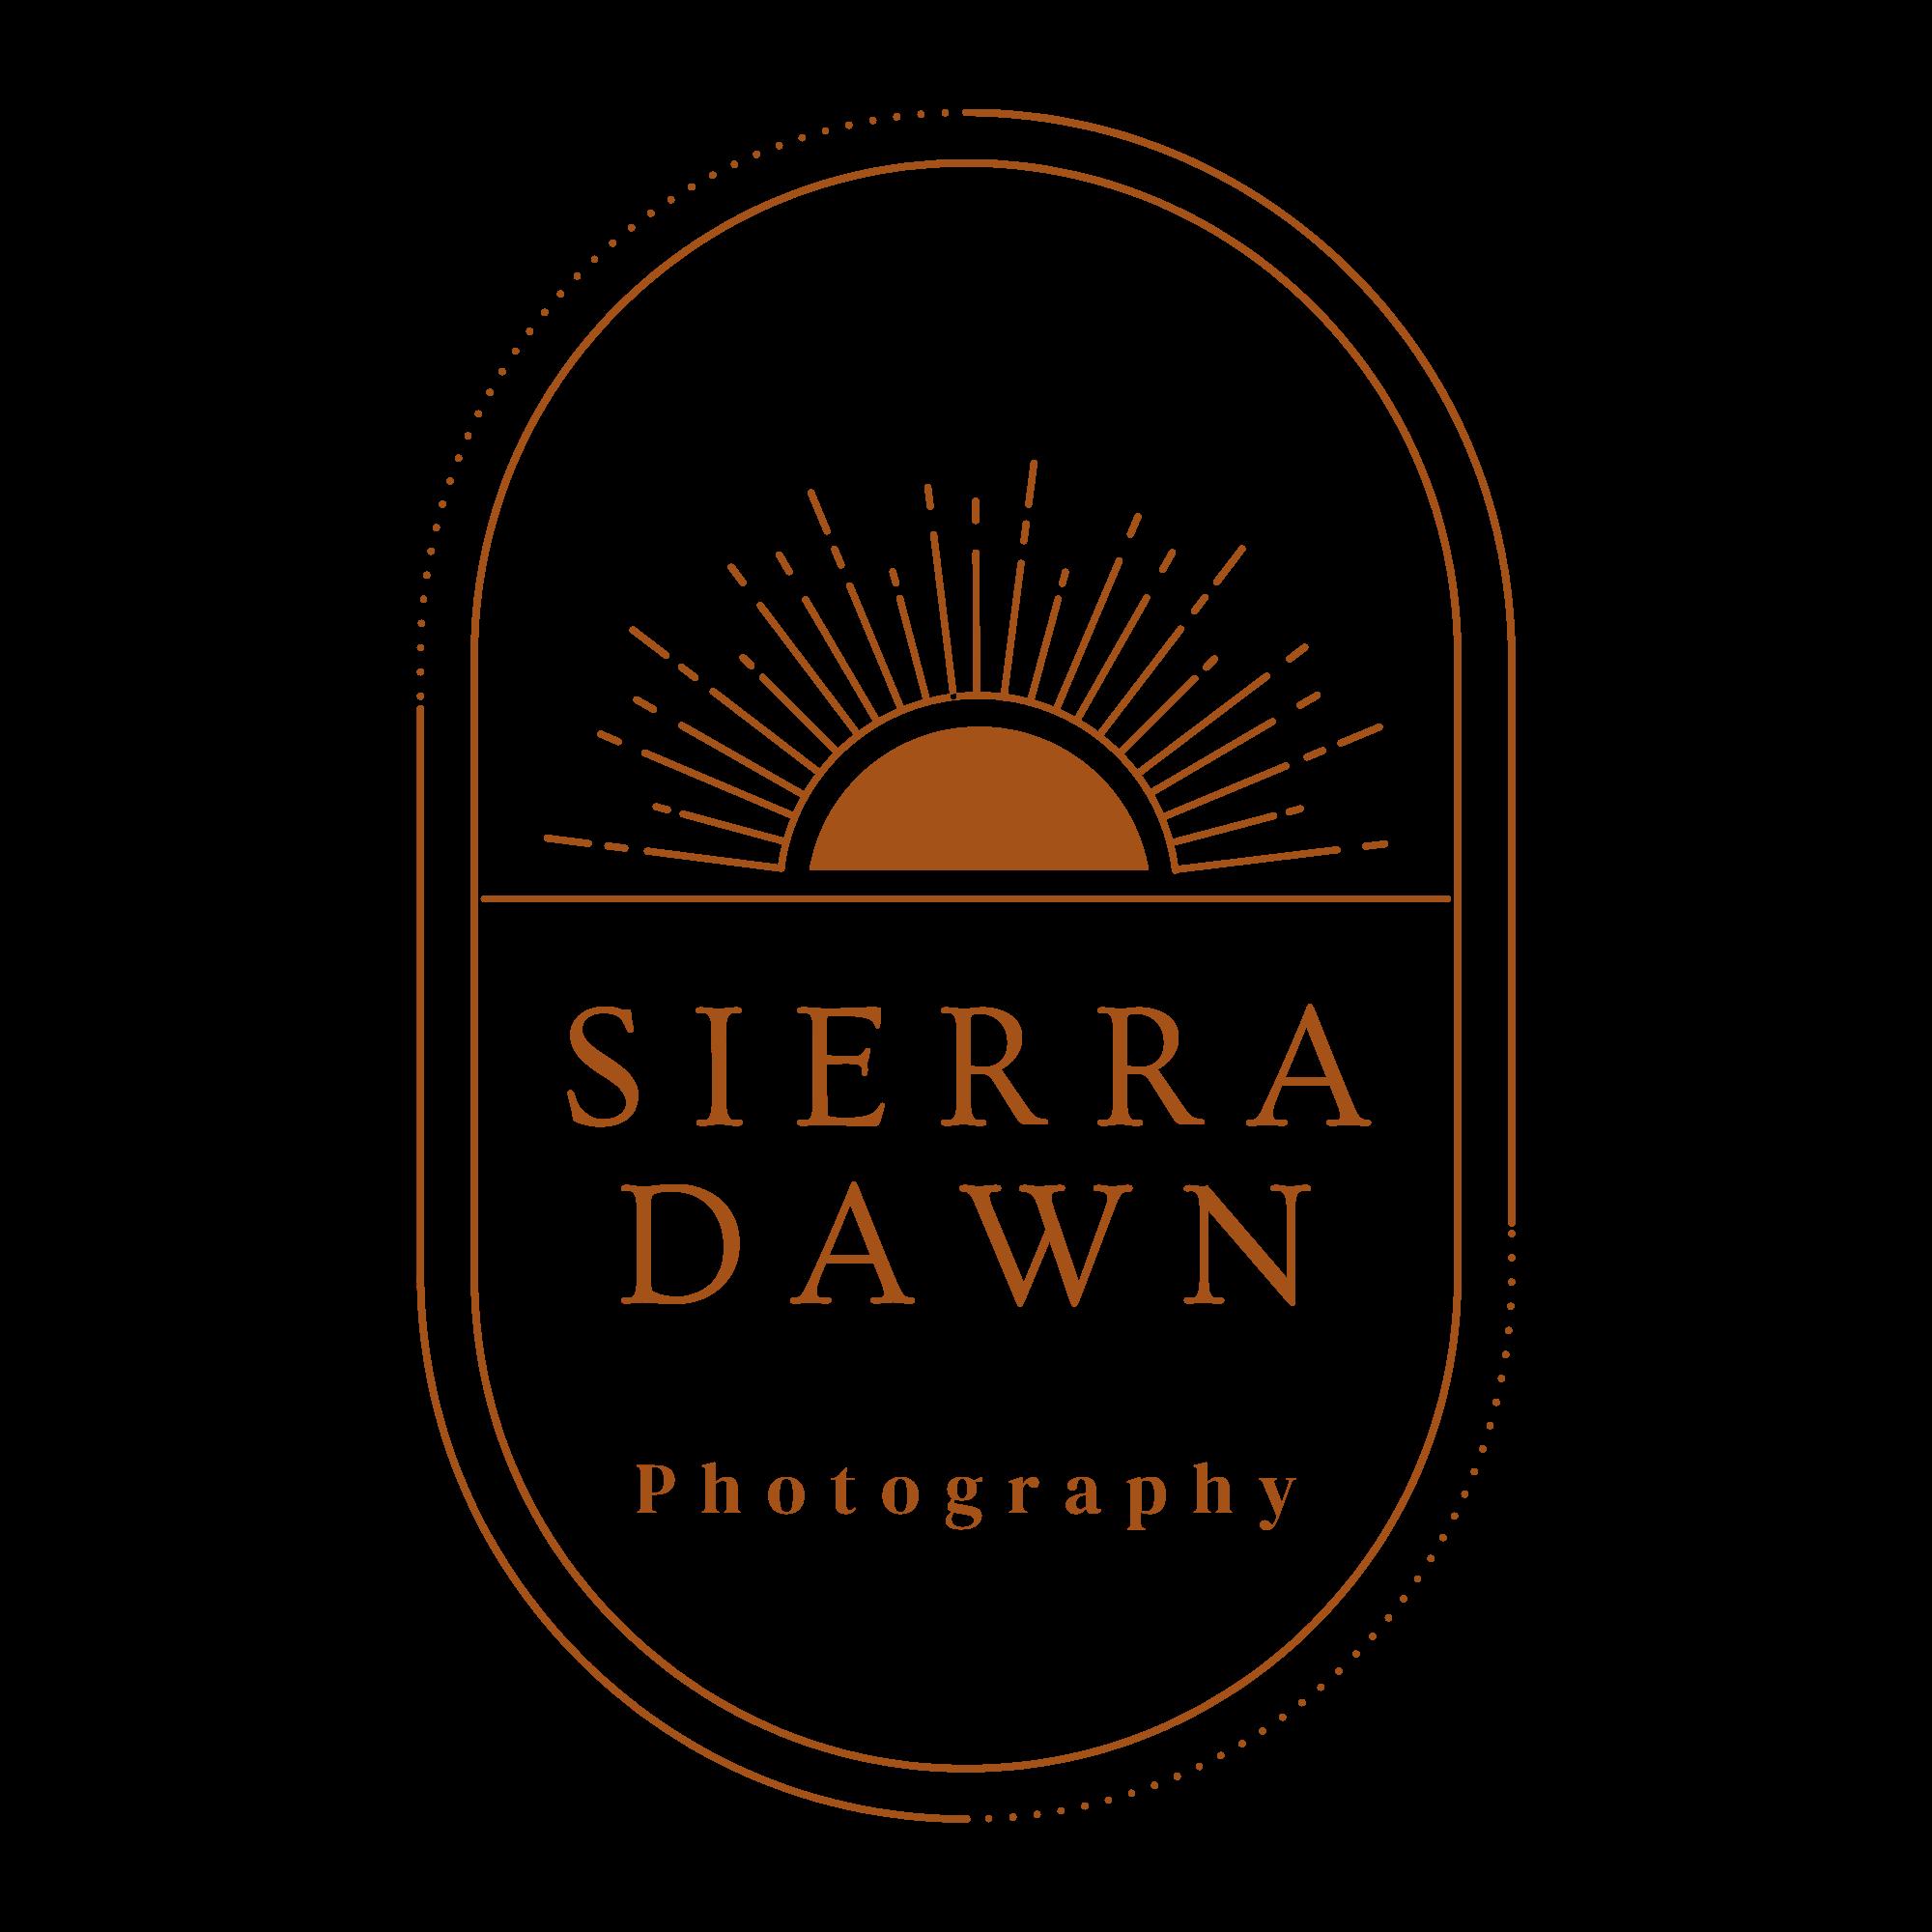 Sierra Dawn Photography